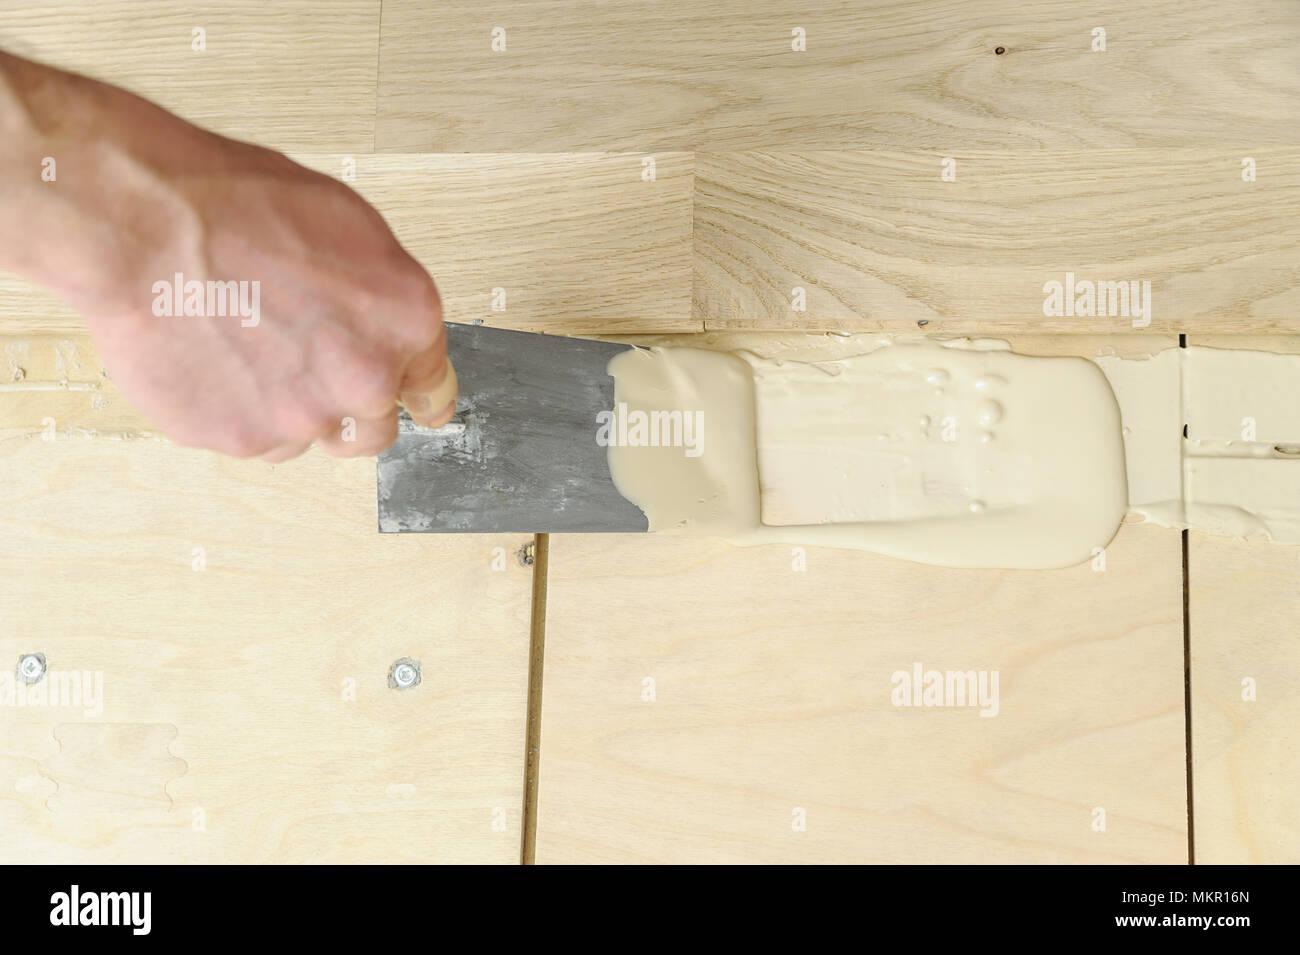 scieries de pose de parquet worker met la colle sur le sol banque d 39 images photo stock. Black Bedroom Furniture Sets. Home Design Ideas